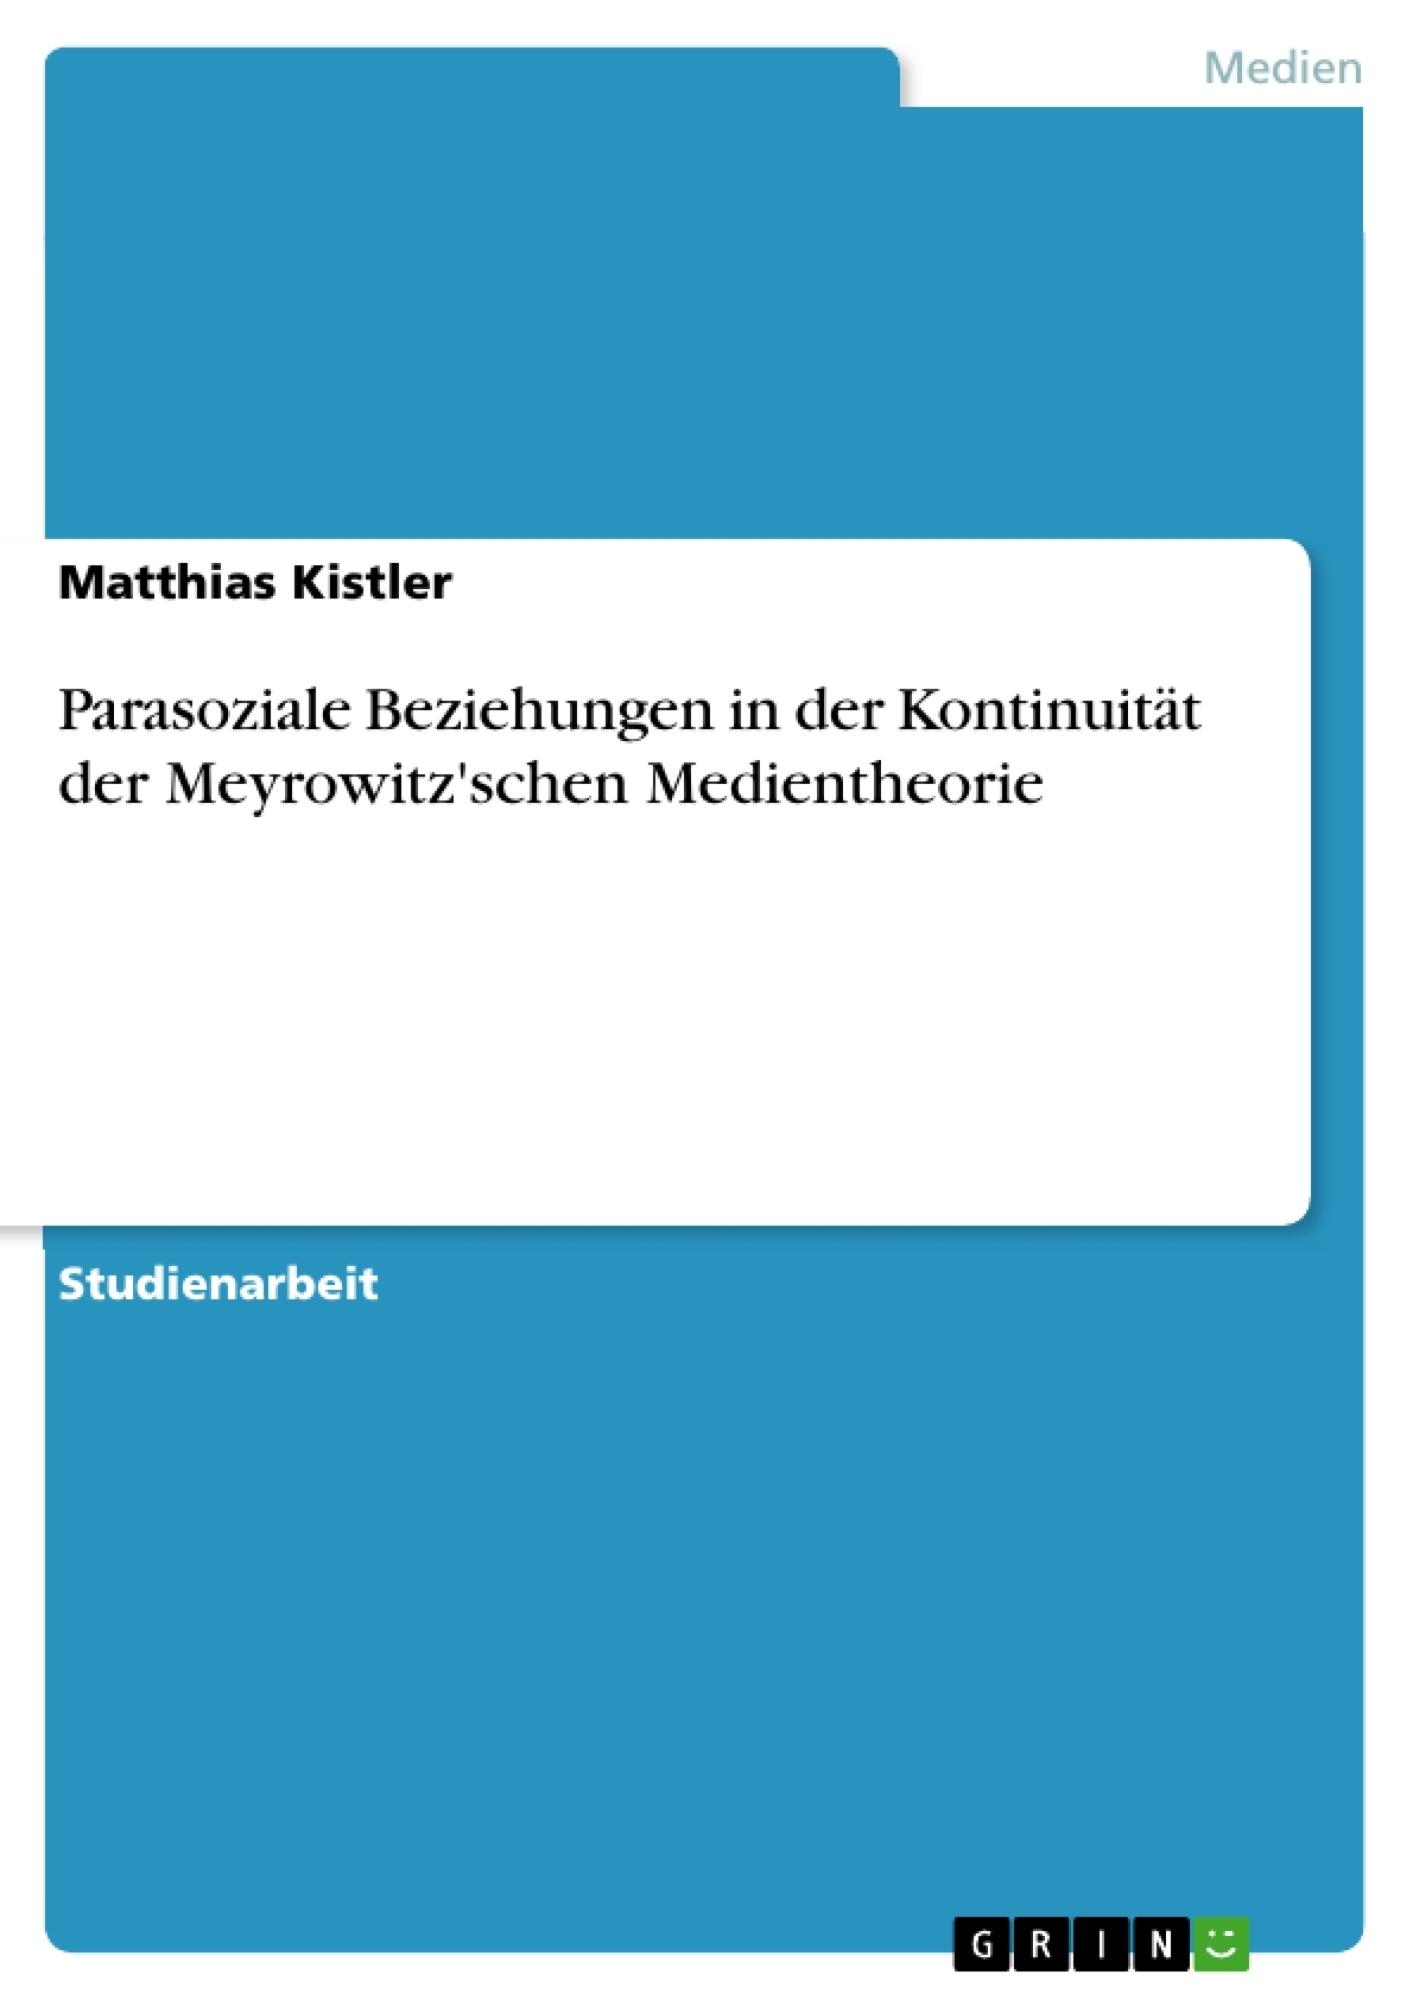 Titel: Parasoziale Beziehungen in der Kontinuität der Meyrowitz'schen Medientheorie